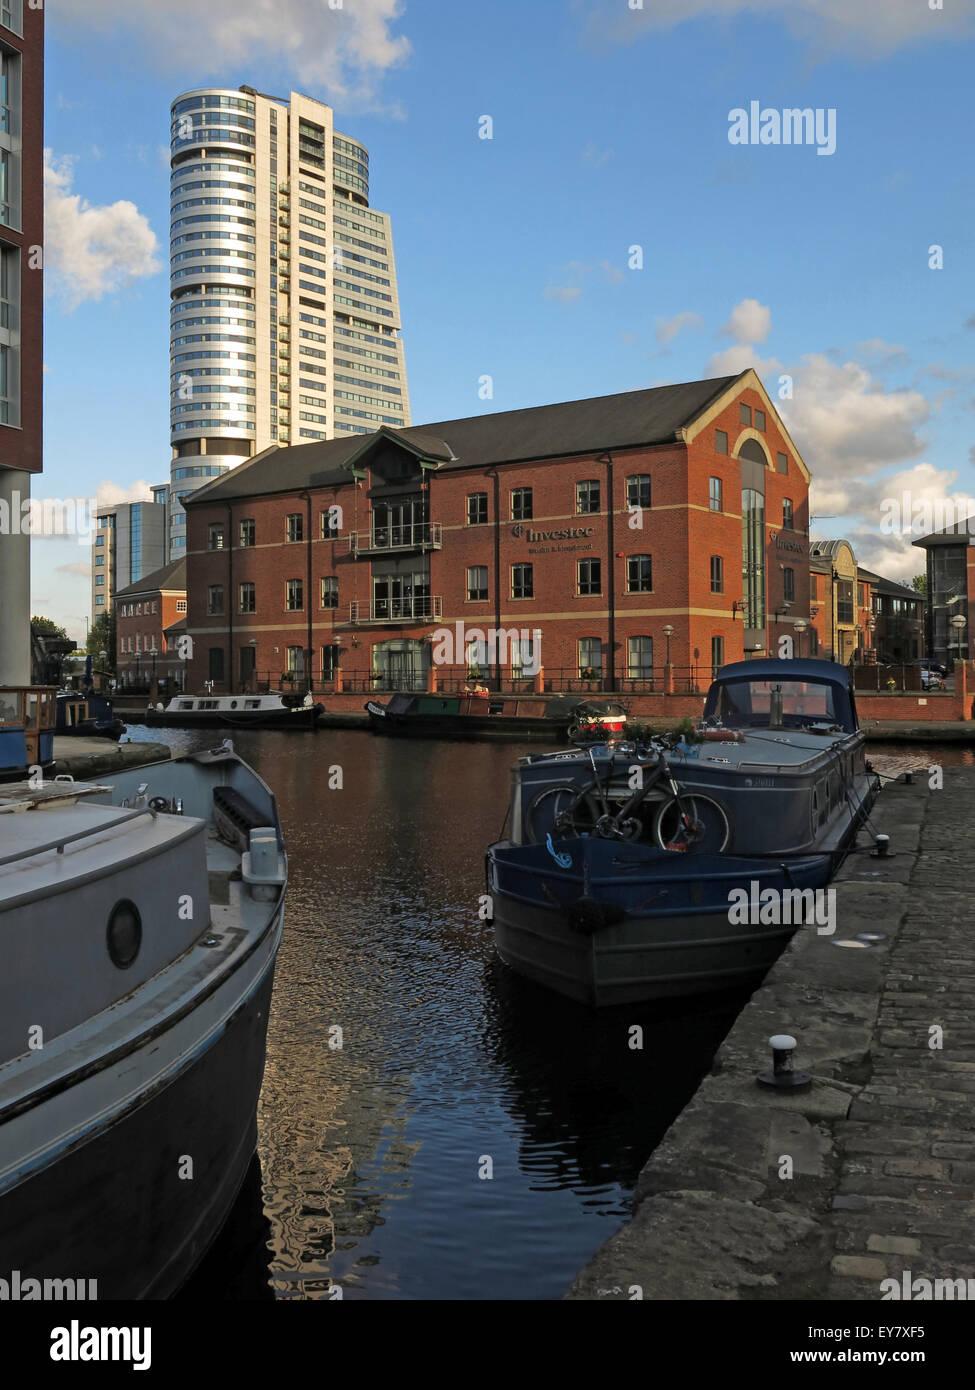 Laden Sie dieses Alamy Stockfoto Leeds Wharf Lock, Innenstadt, West Yorkshire, England, Vereinigtes Königreich (Leeds / Liverpool Canal) - EY7XF5